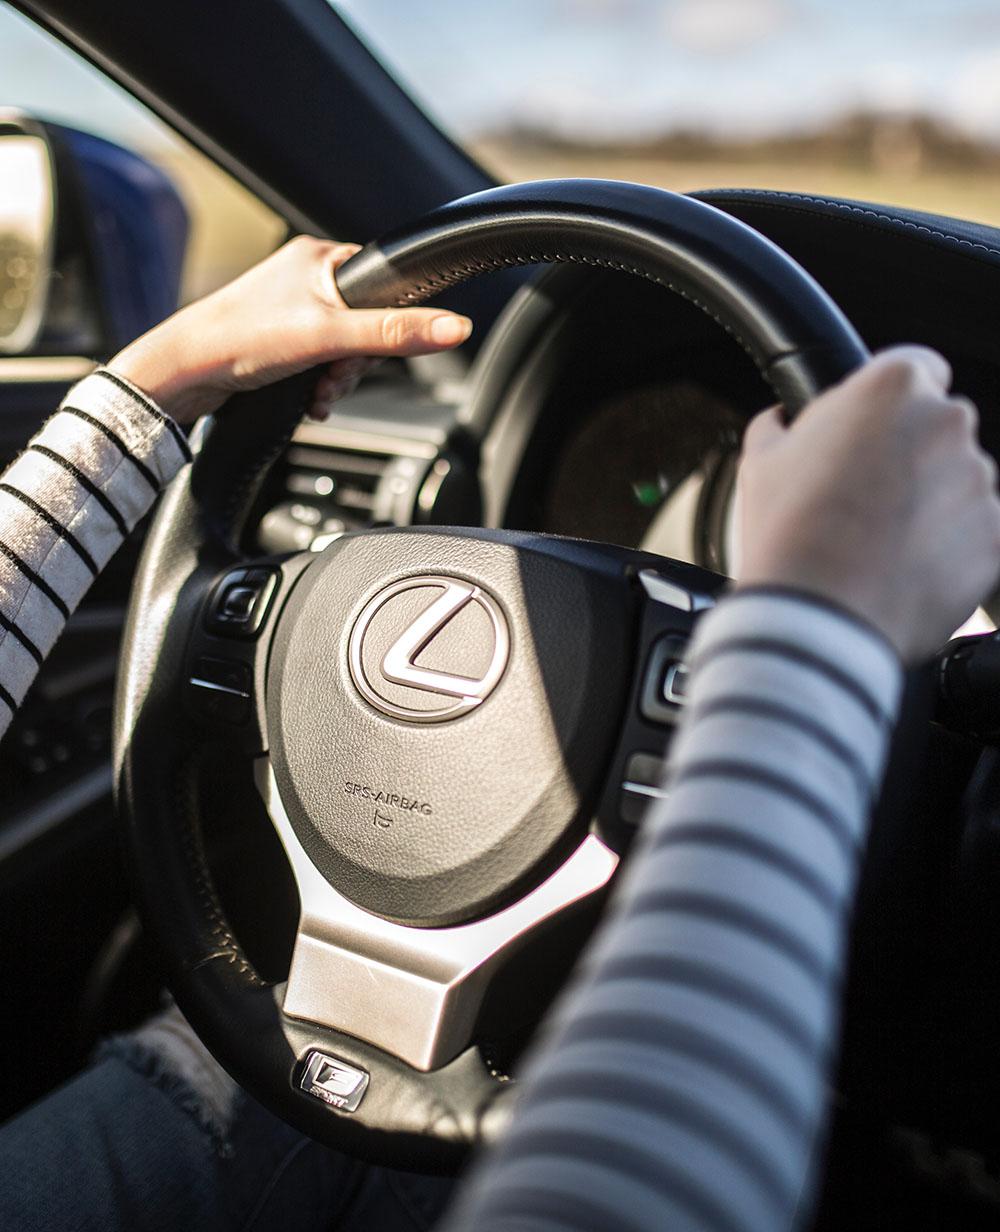 Lexus Gebrauchtwagen kaufen